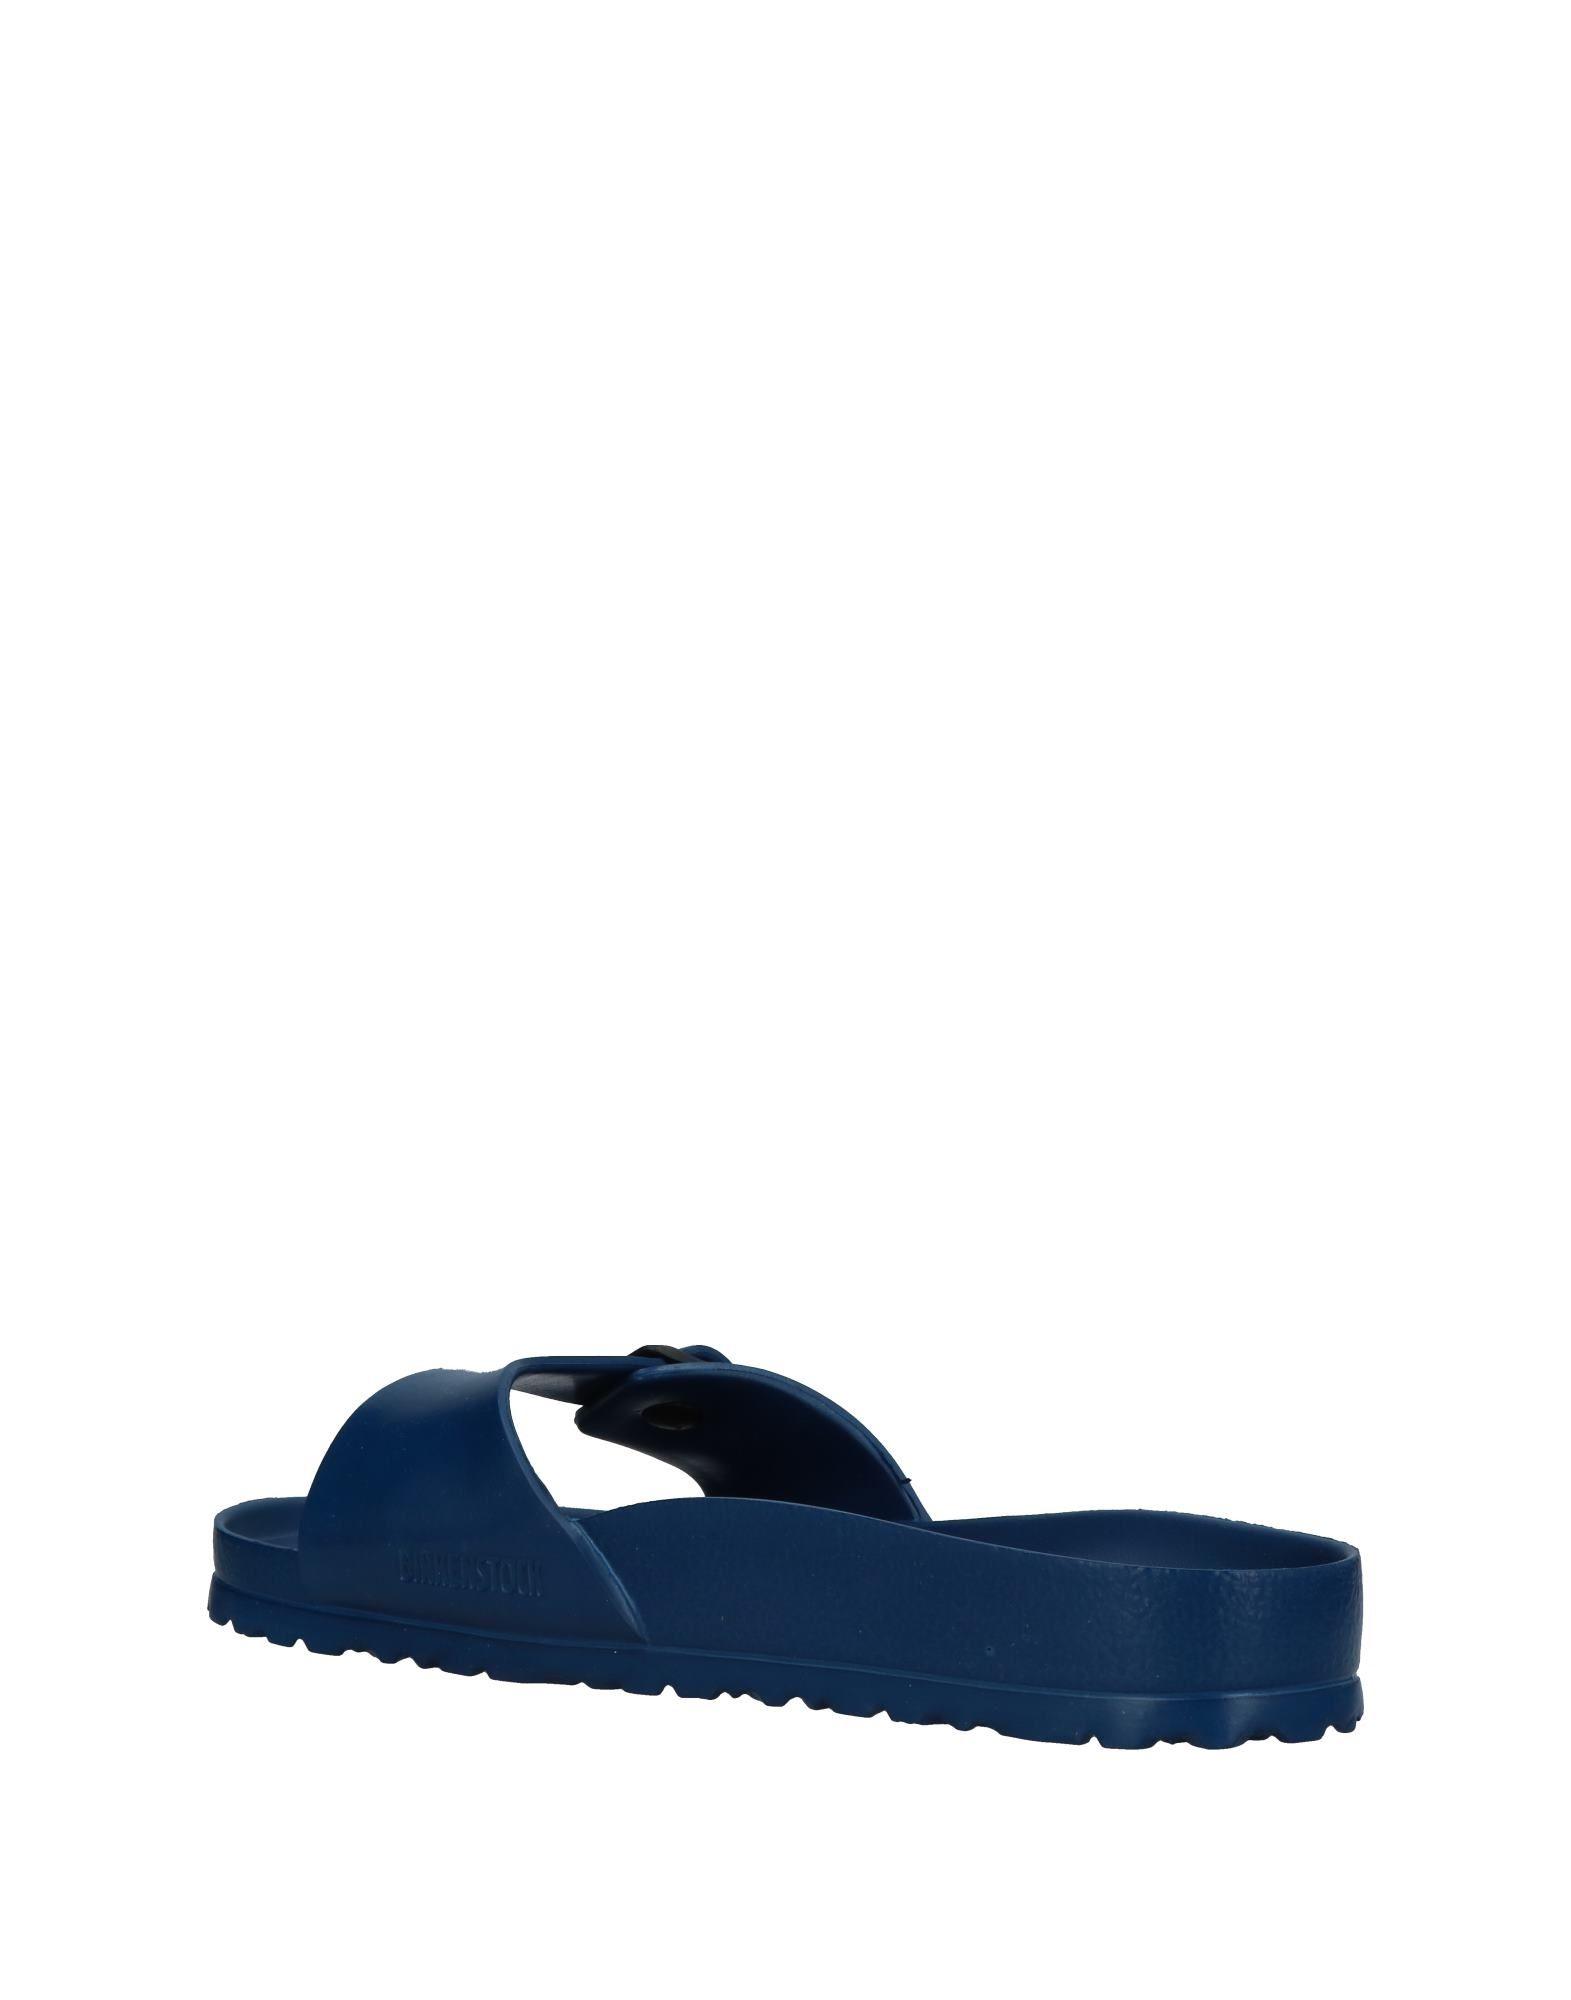 11382397VU Birkenstock Sandalen Herren  11382397VU  Heiße Schuhe 198013